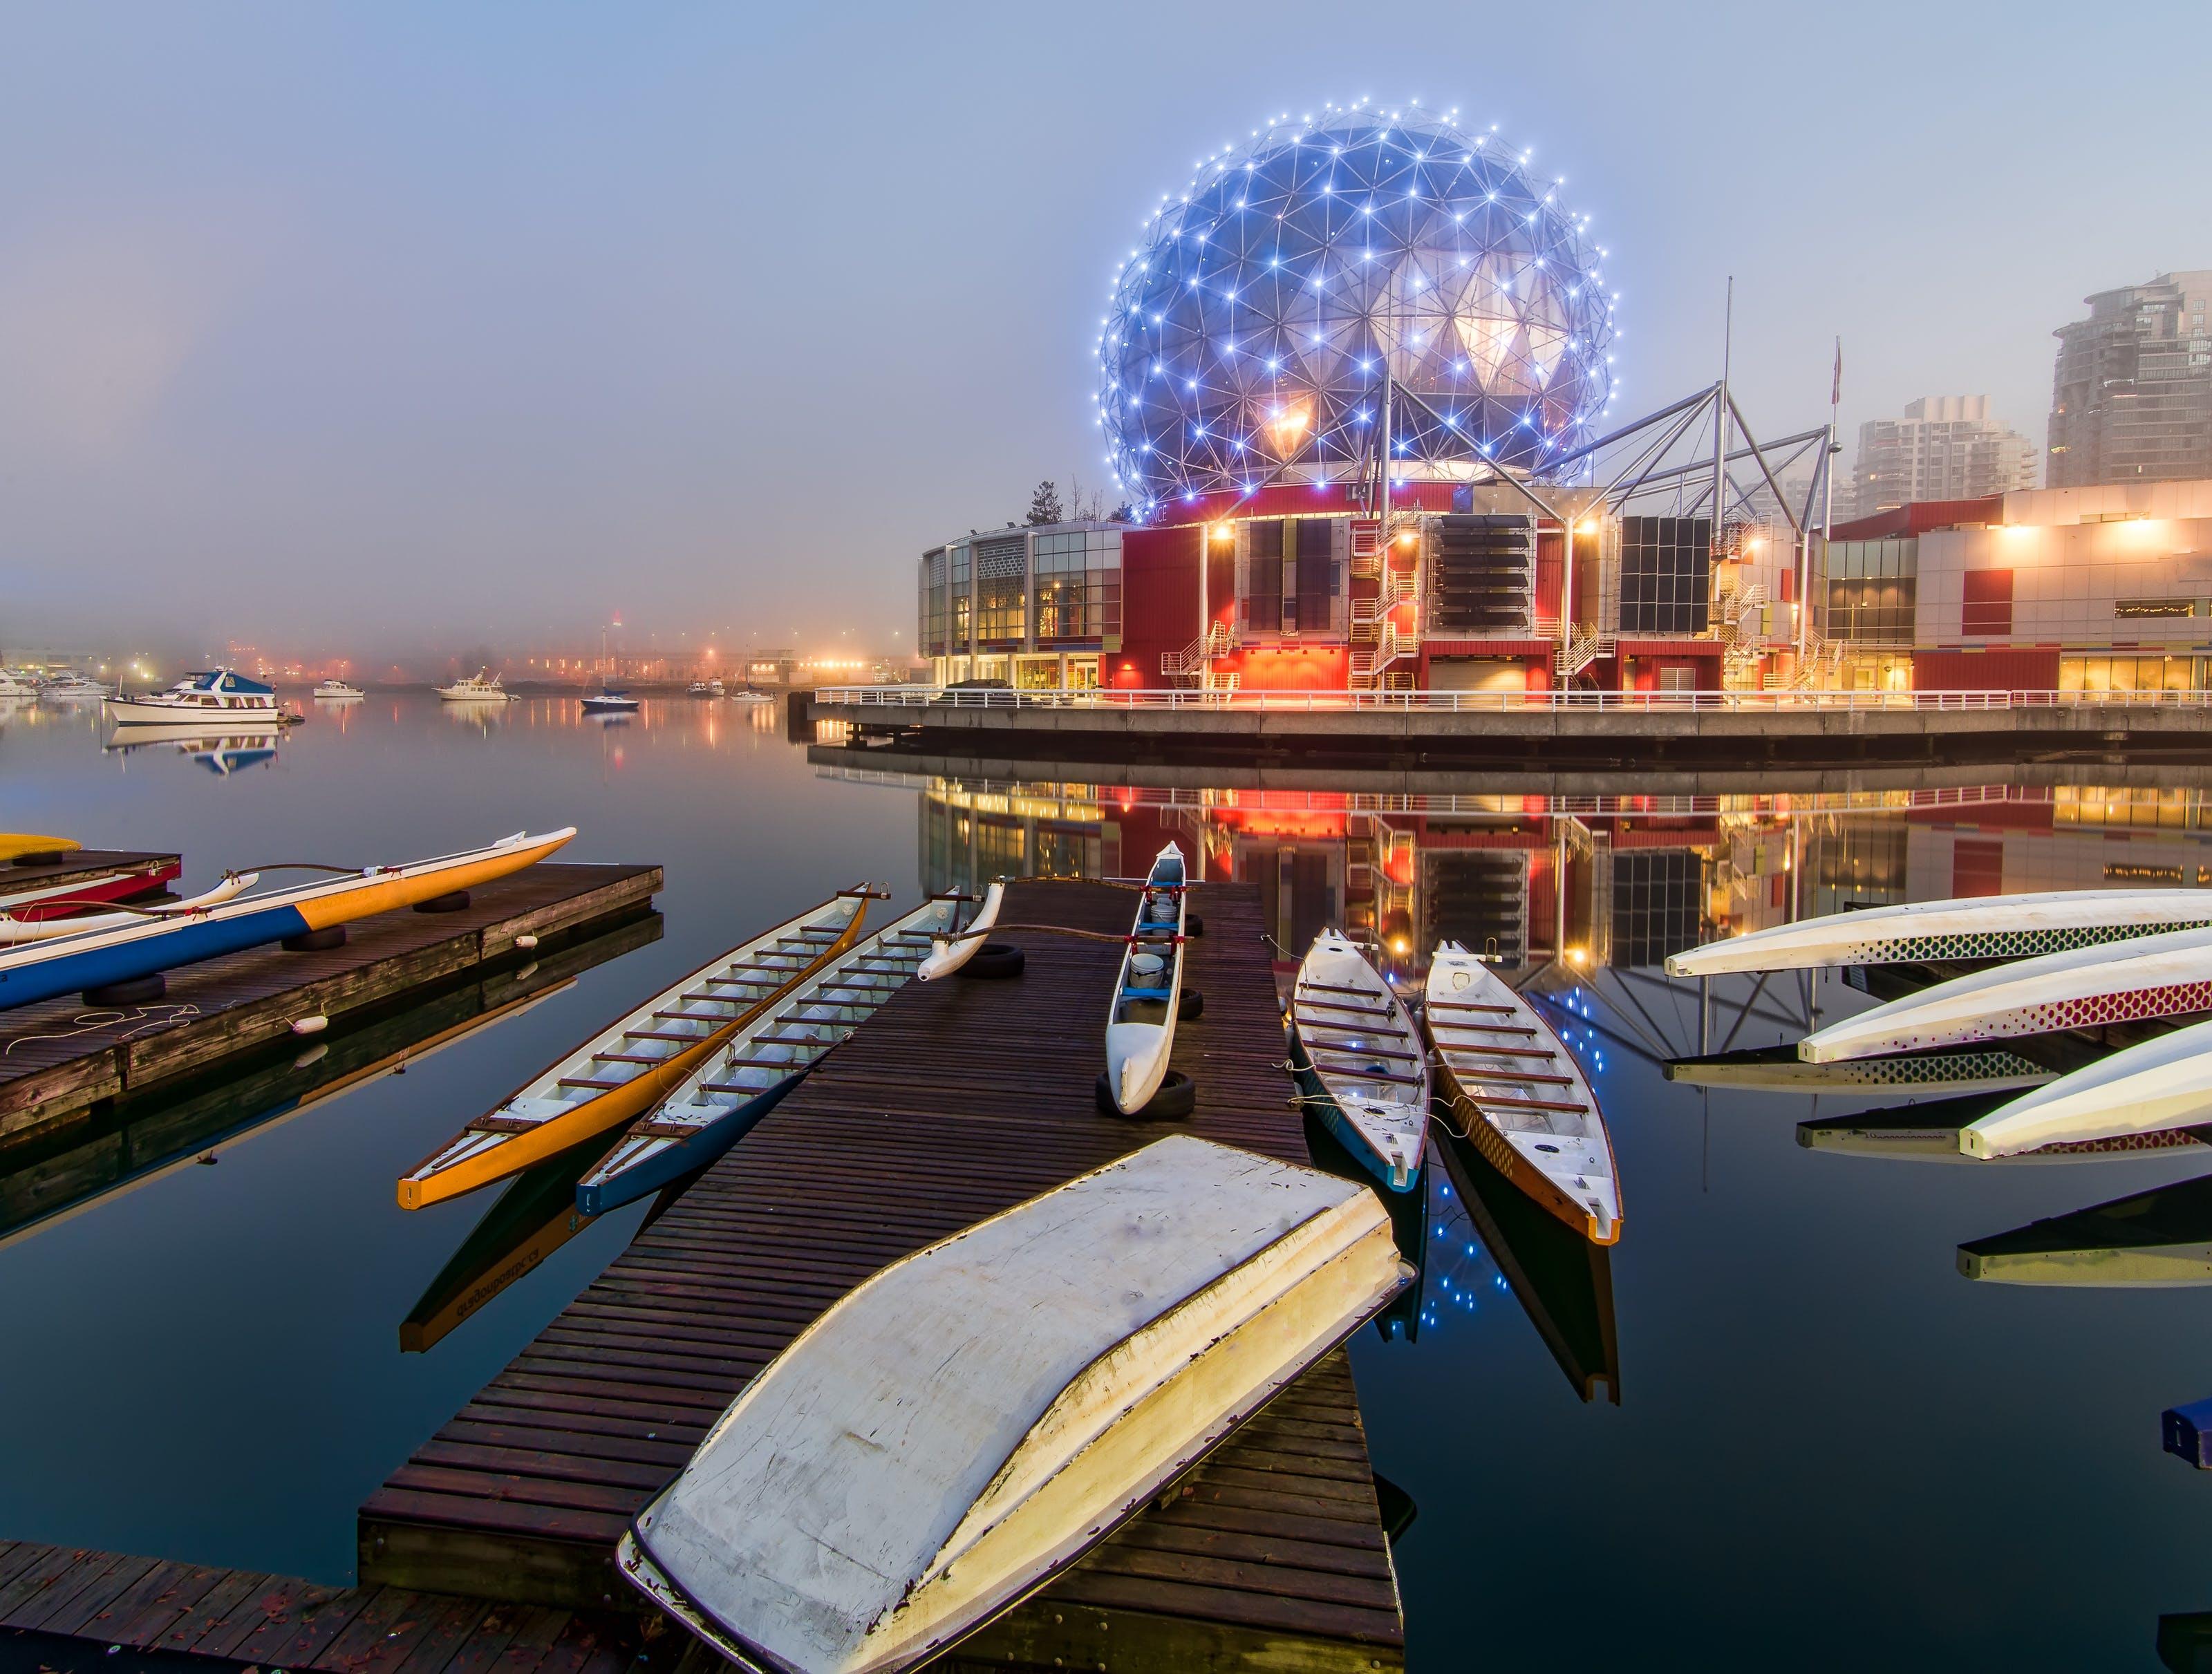 Canoes Beside Dock